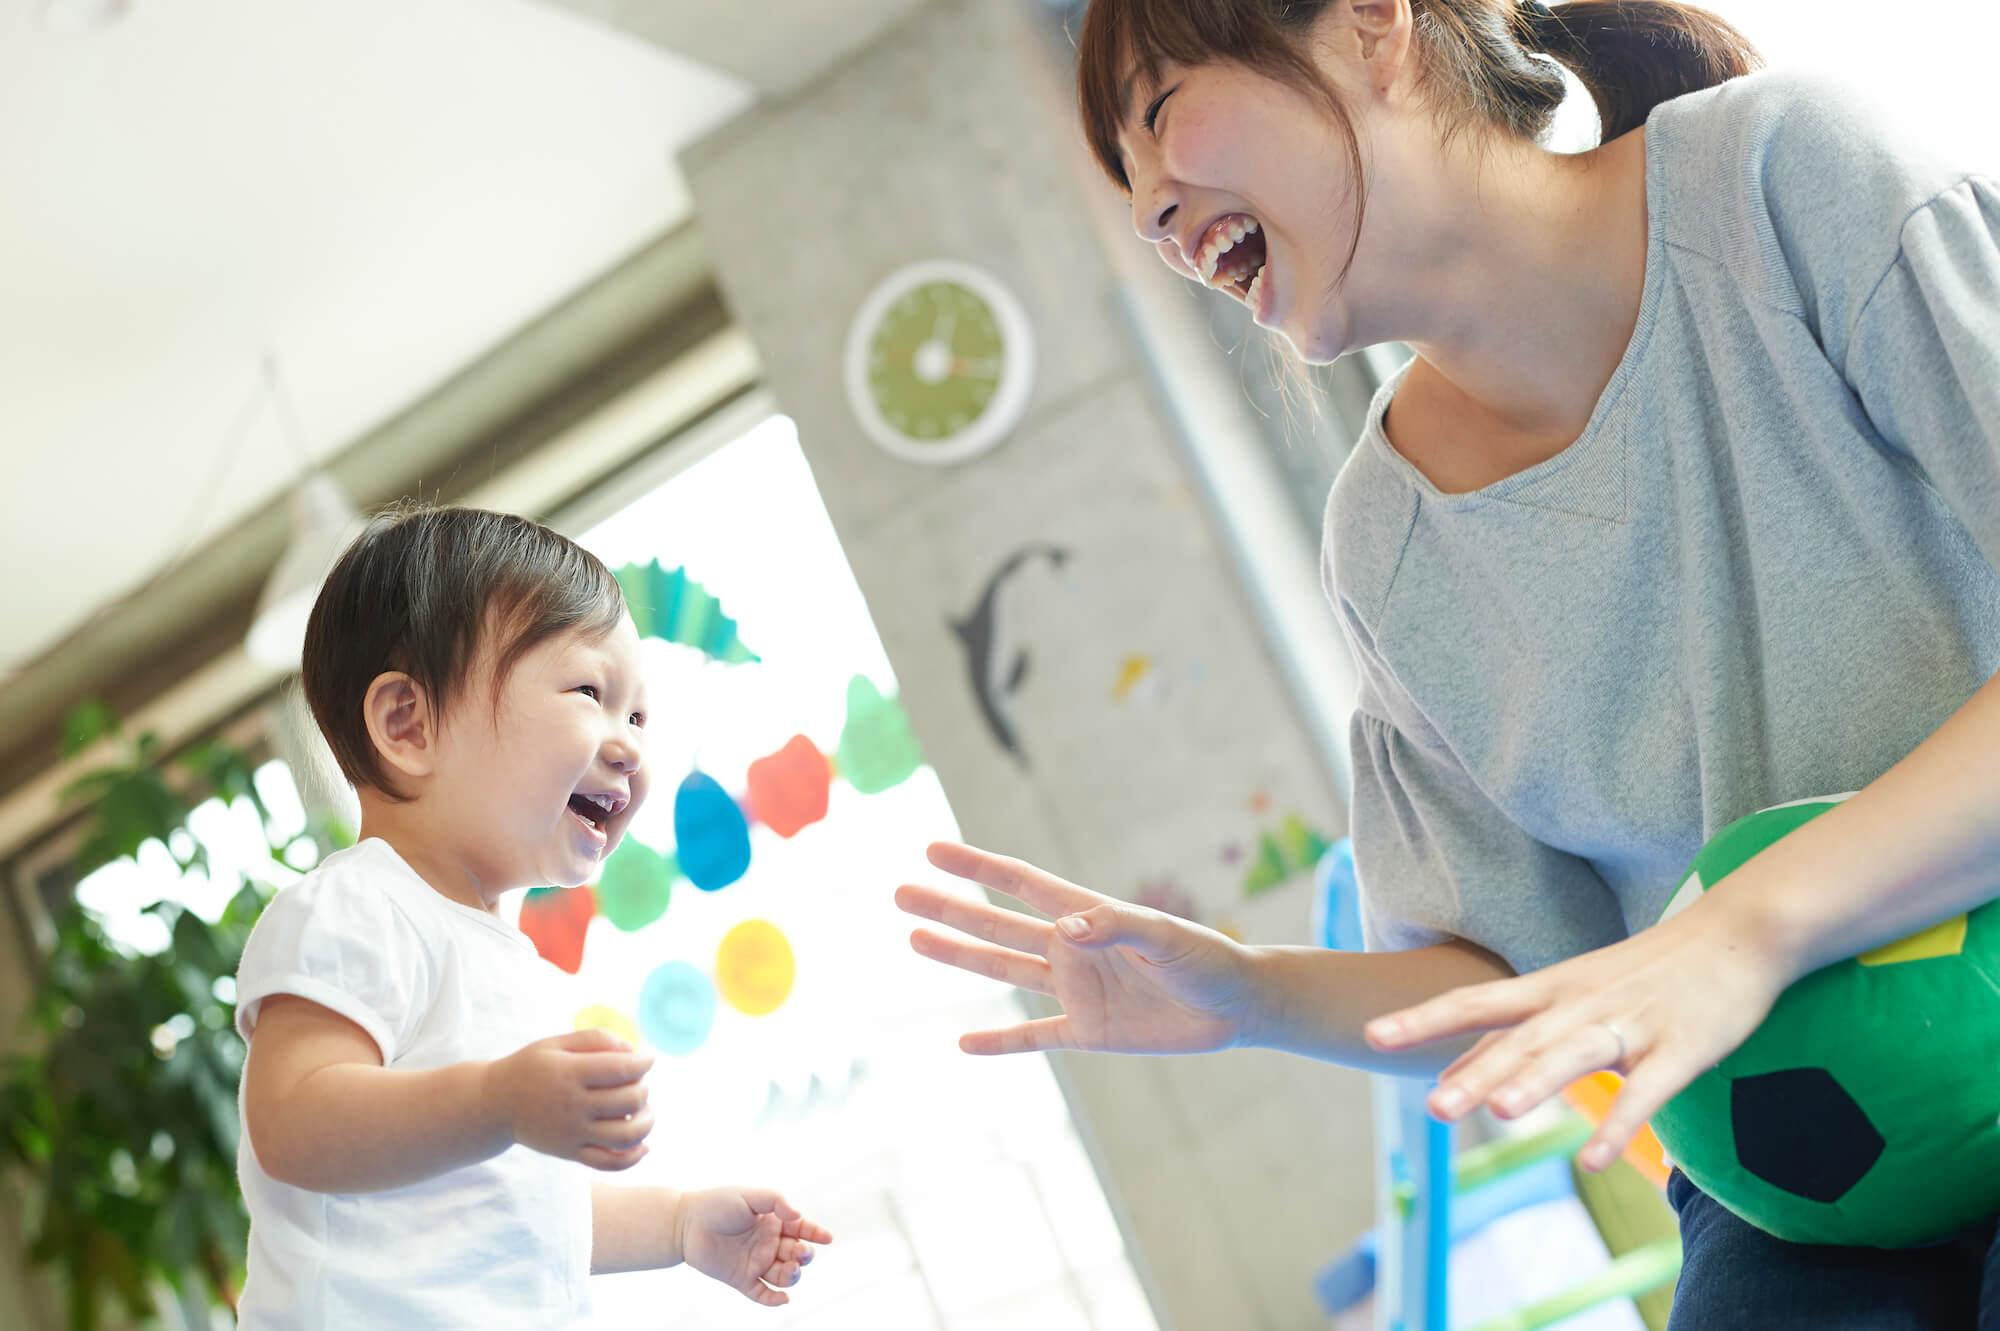 赤ちゃんと幼児用の遊び場注意点は